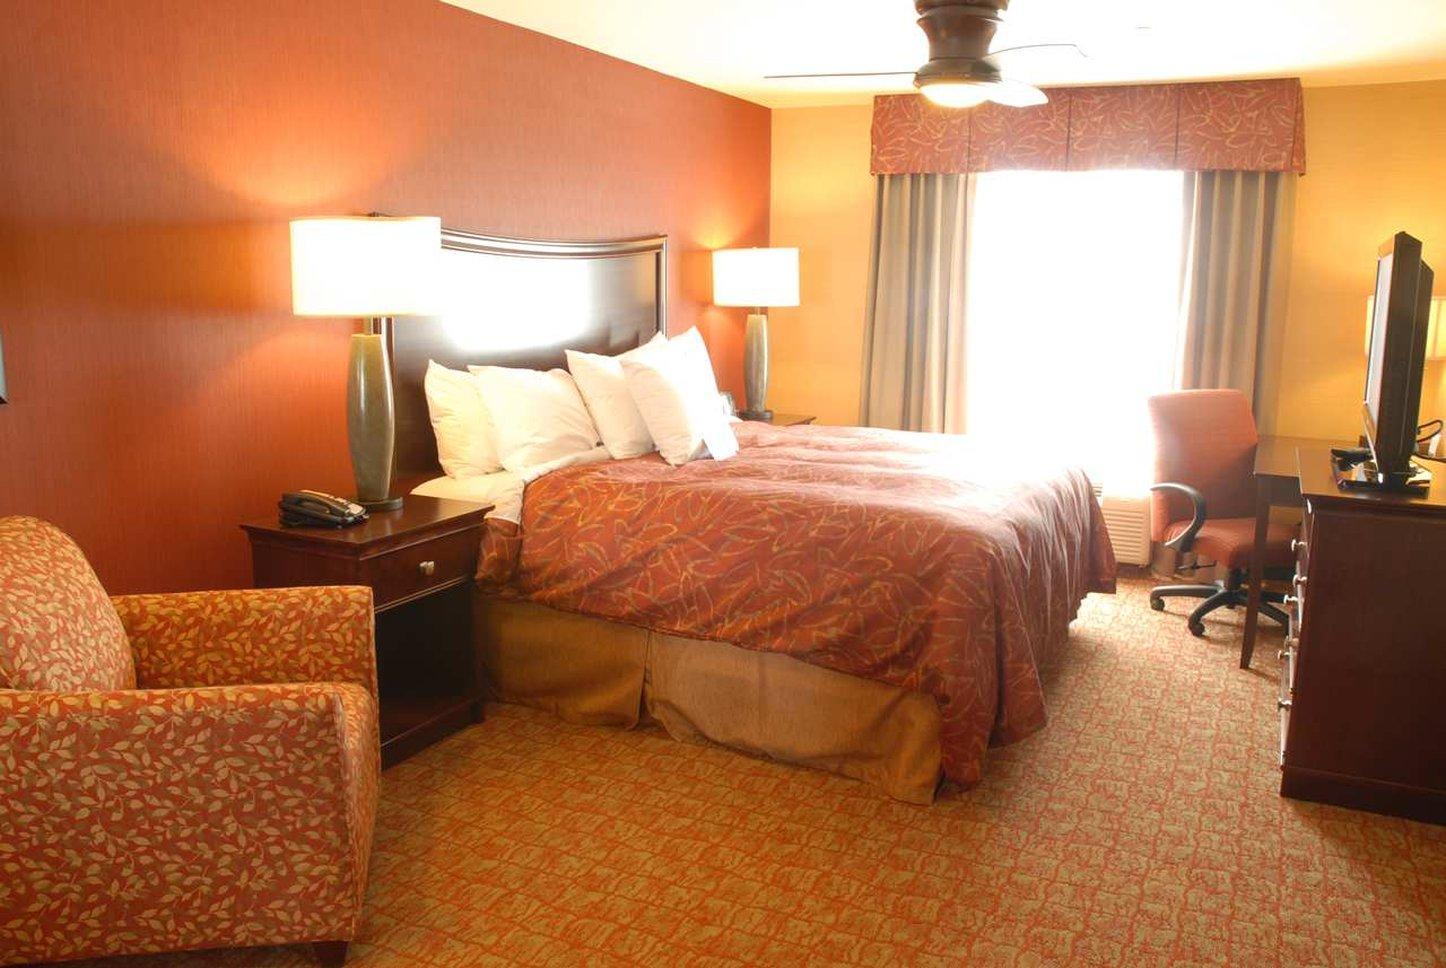 Homewood Suites by Hilton Rock Springs